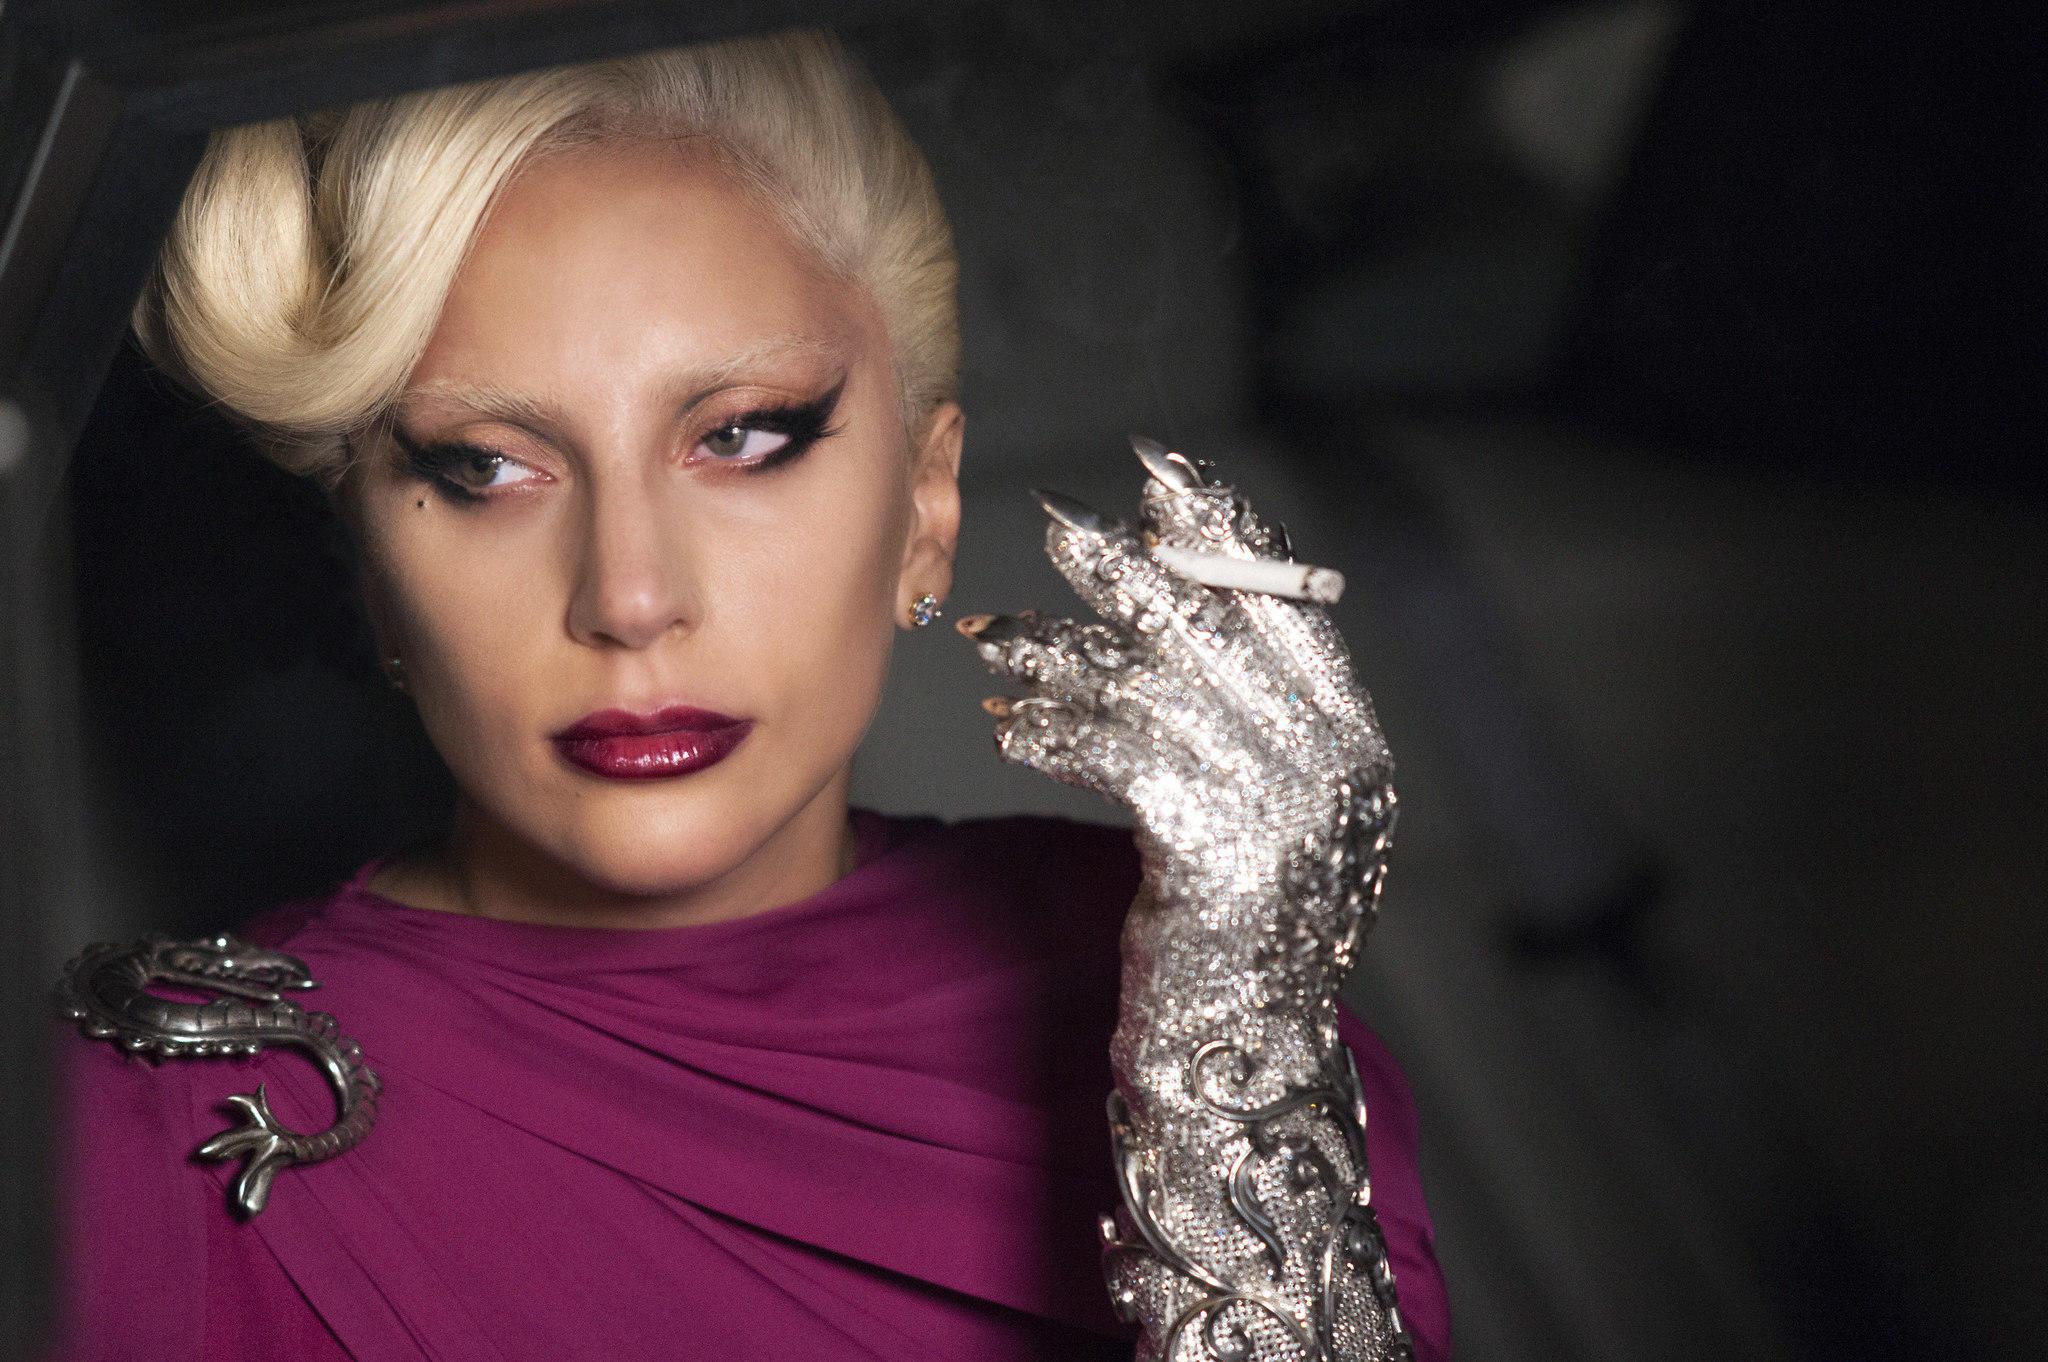 Lady Gaga in einem violetten Kleid mit Schlangenbrosche auf der Schulter, metallenem Handschuh samt Zigarette zwischen den Finger und blonden Haaren.